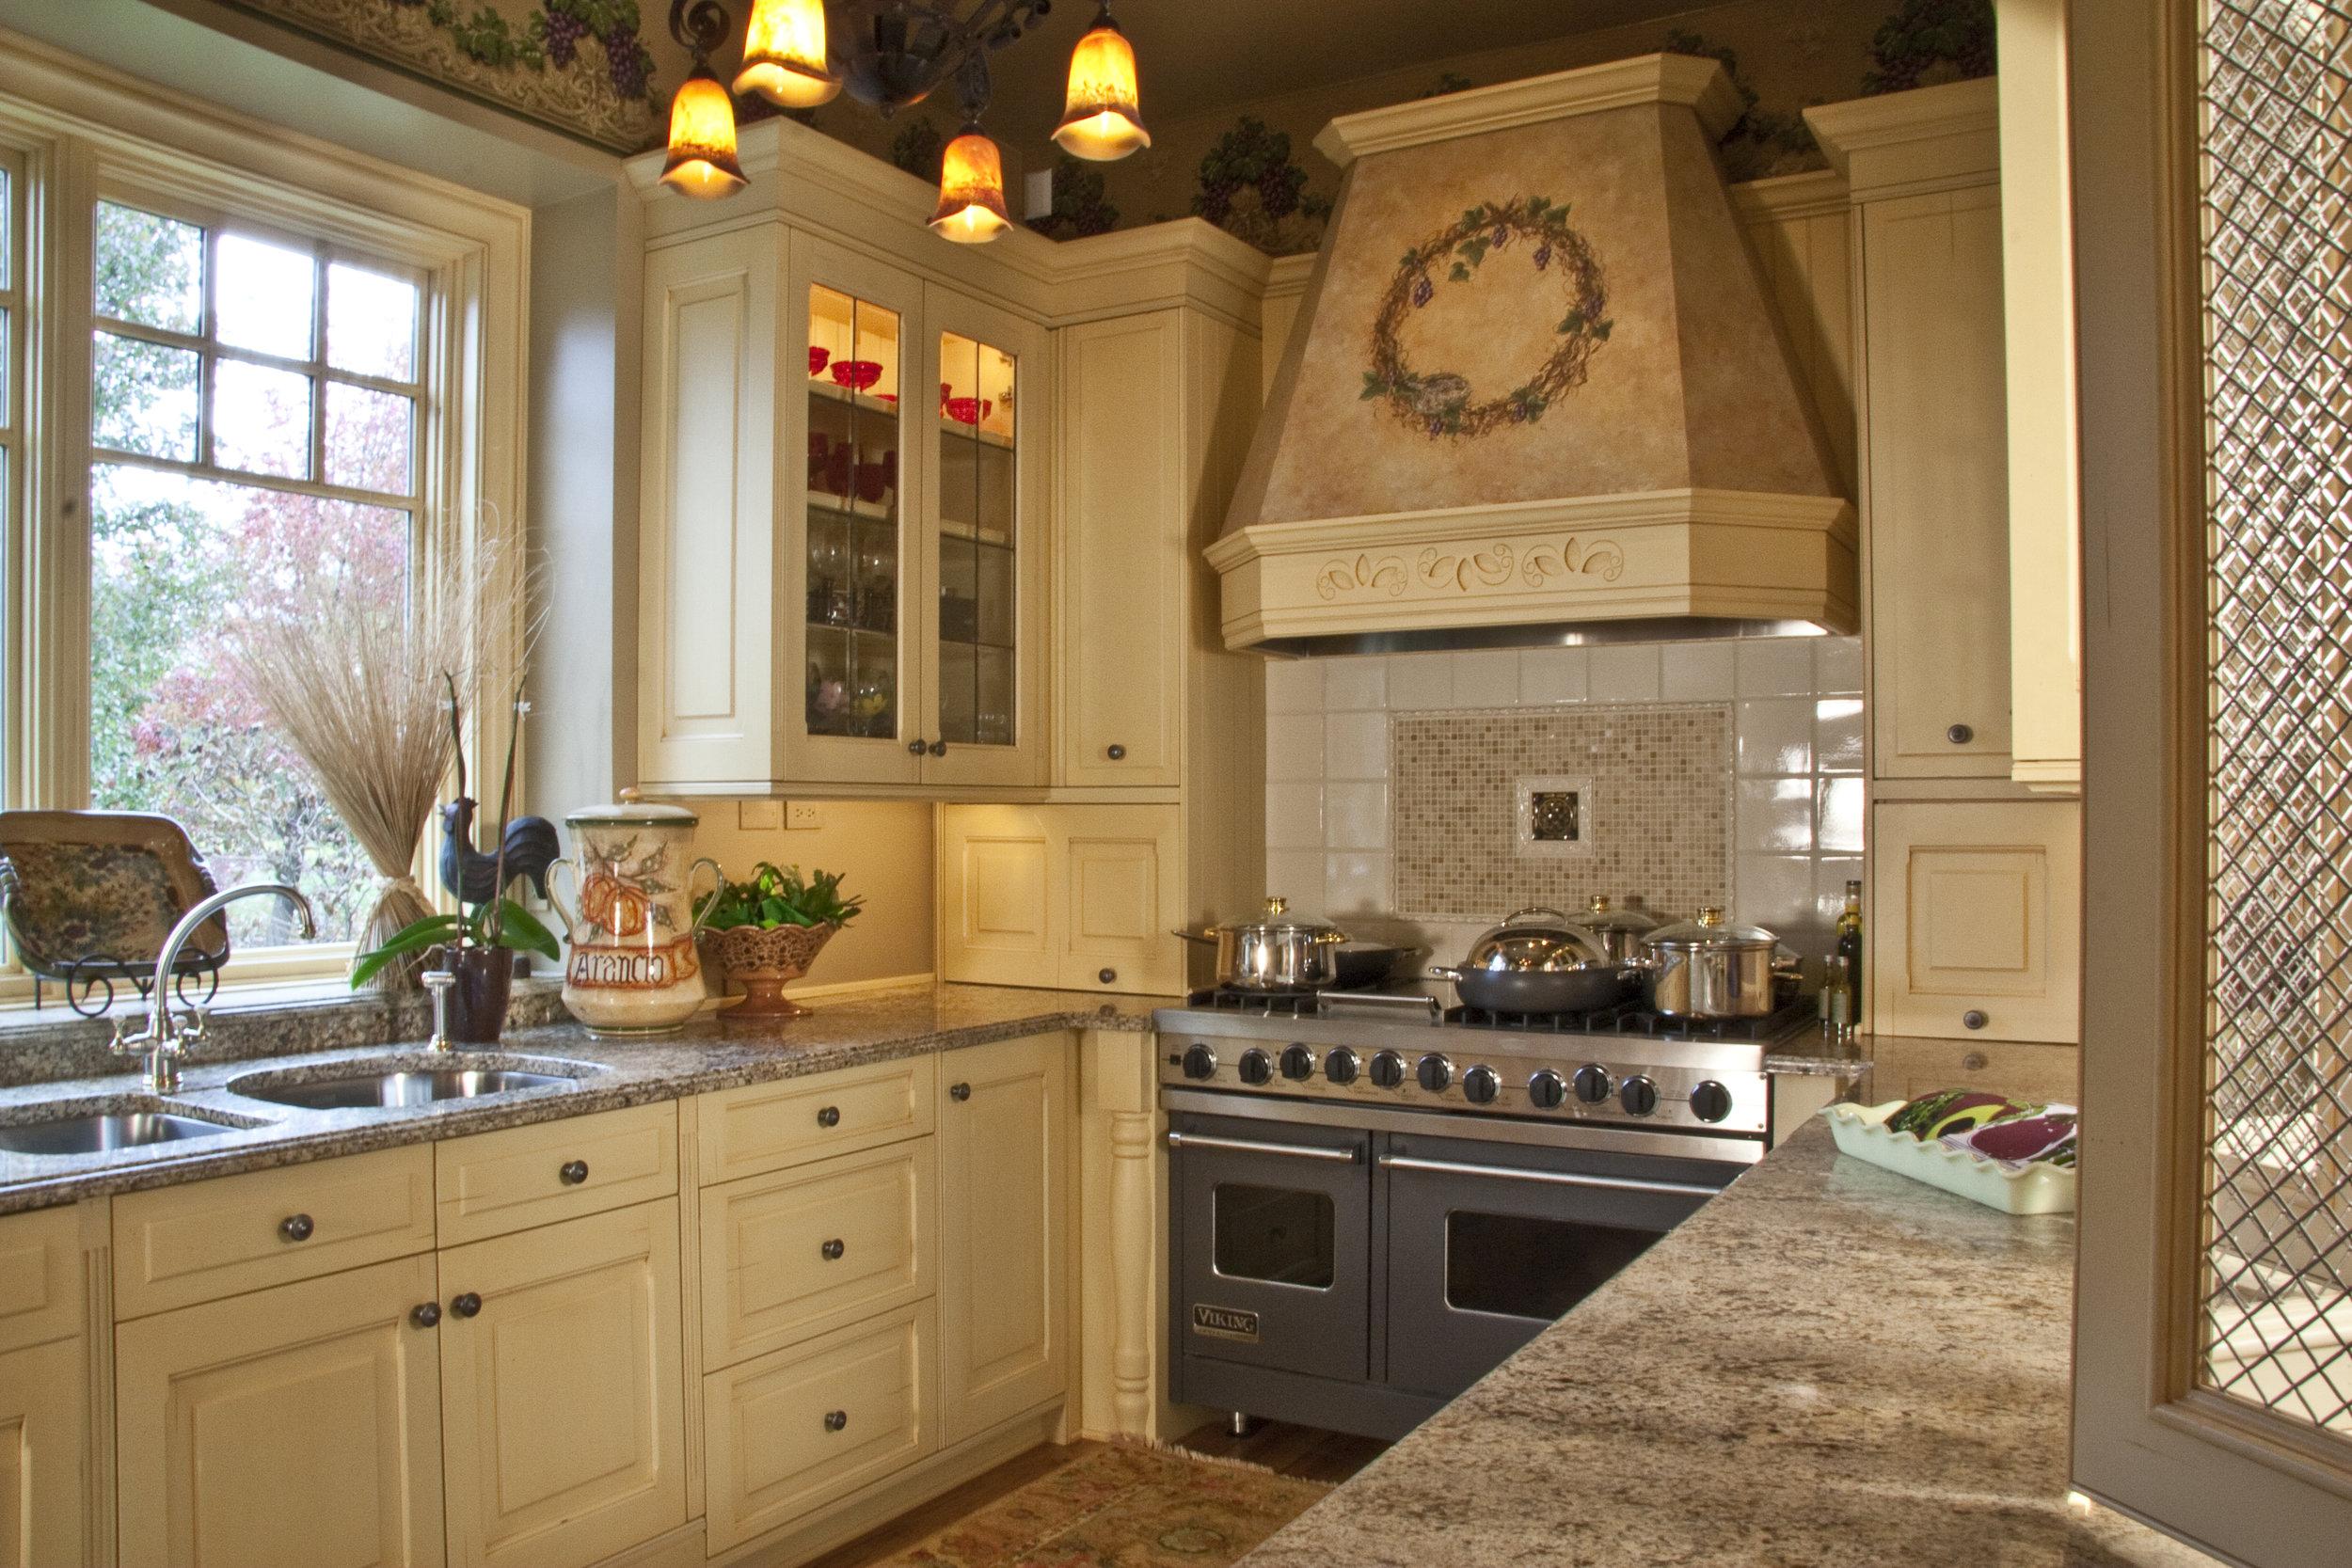 Caterer Kitchen IMG_0173.jpg